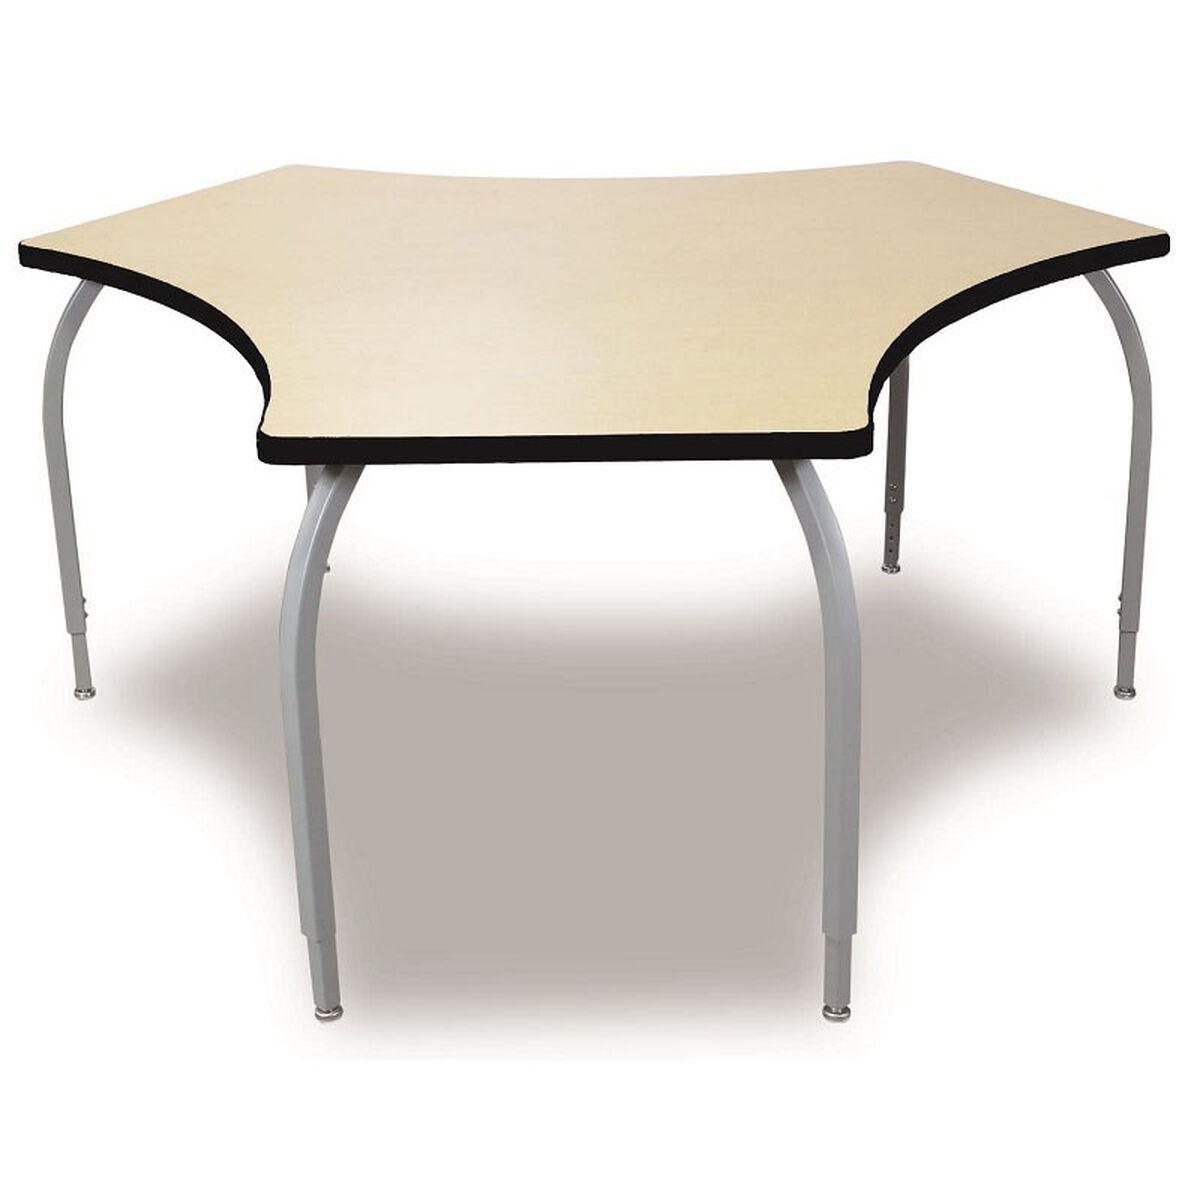 ELO Tri High Adjustable Desk ELOADJ SchoolFurnitureLesscom - 26 high end table